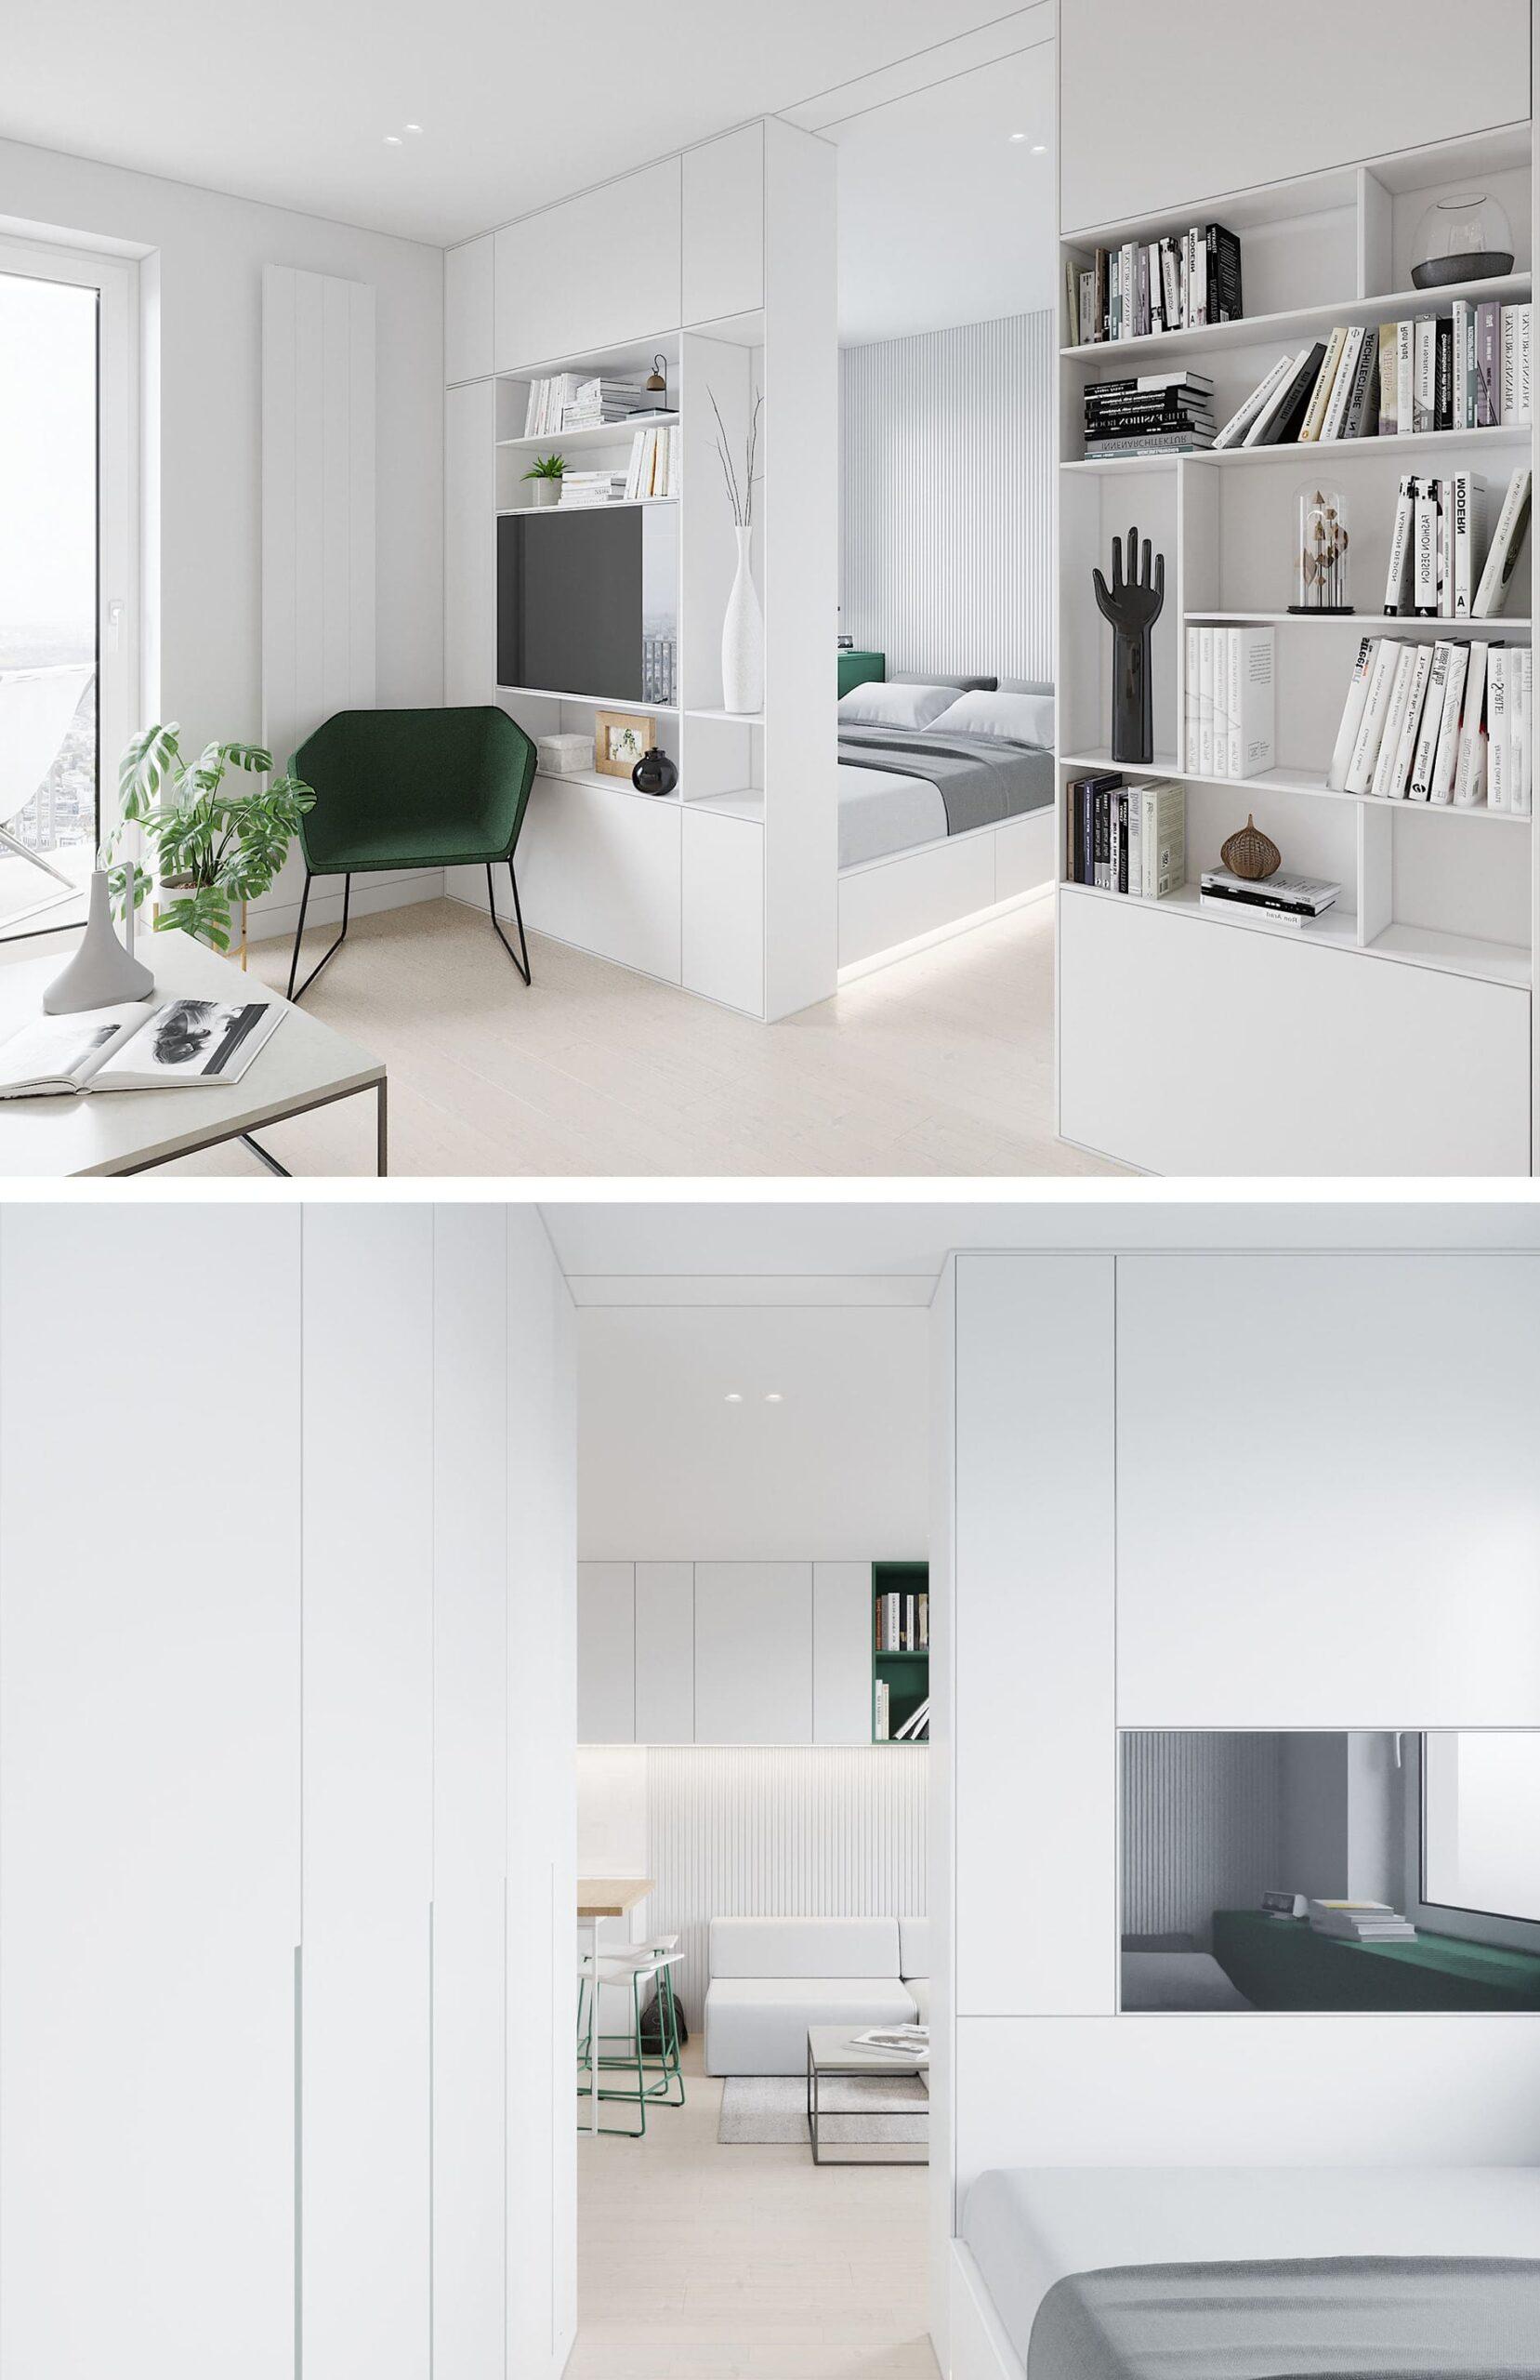 Conception d'un appartement à une chambre photo 75